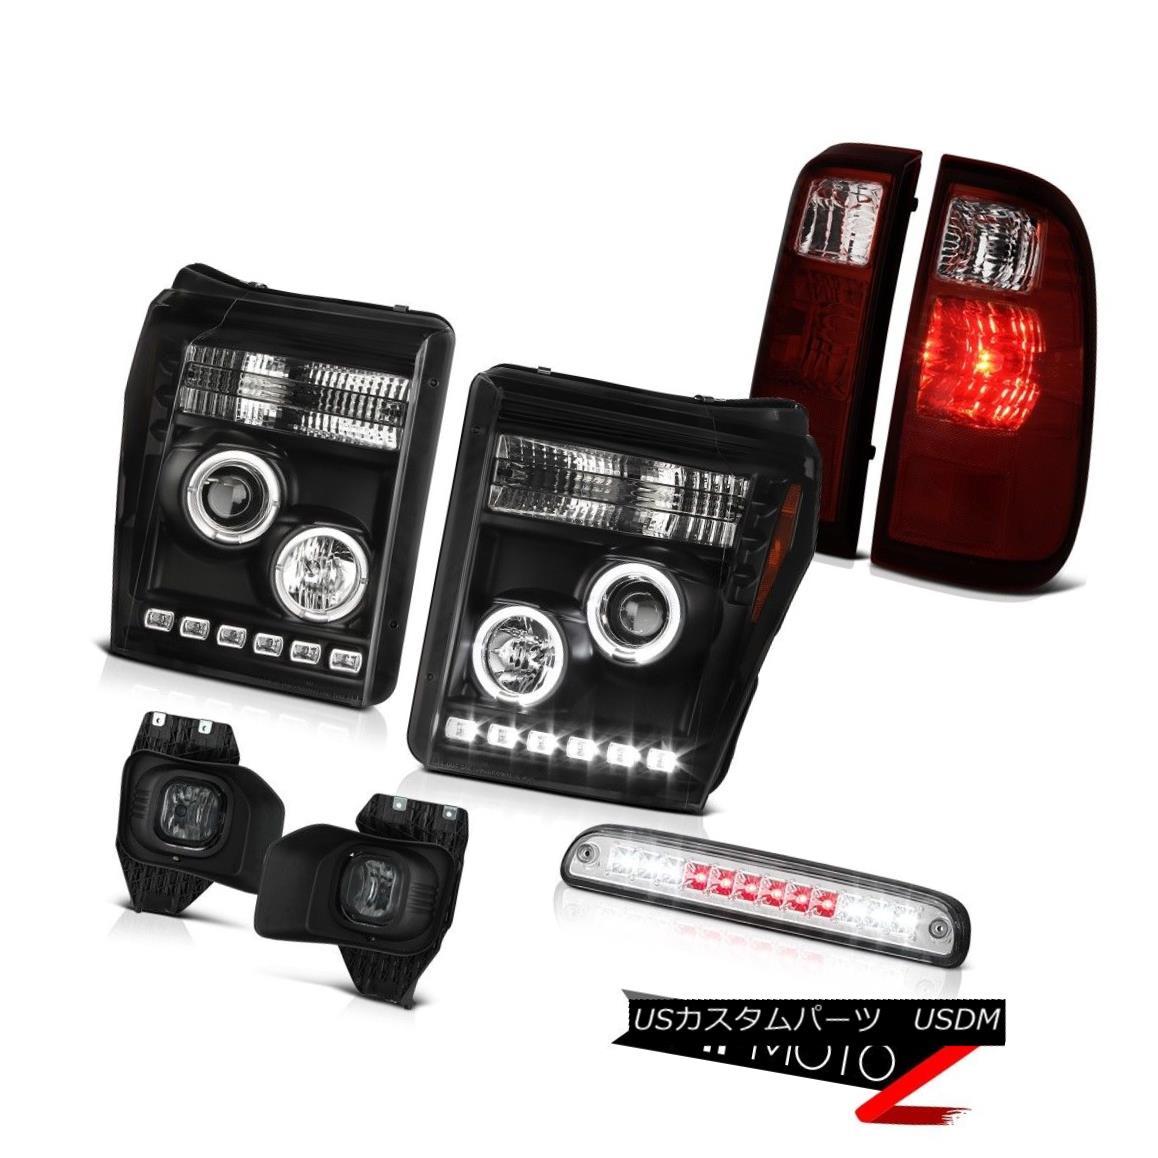 ヘッドライト 11-16 F250 Lariat Clear Chrome Roof Cab Light Foglamps Tail Lights Headlights 11-16 F250ラリアットクリアクロームルーフキャブライトフォグランプテールライトヘッドライト